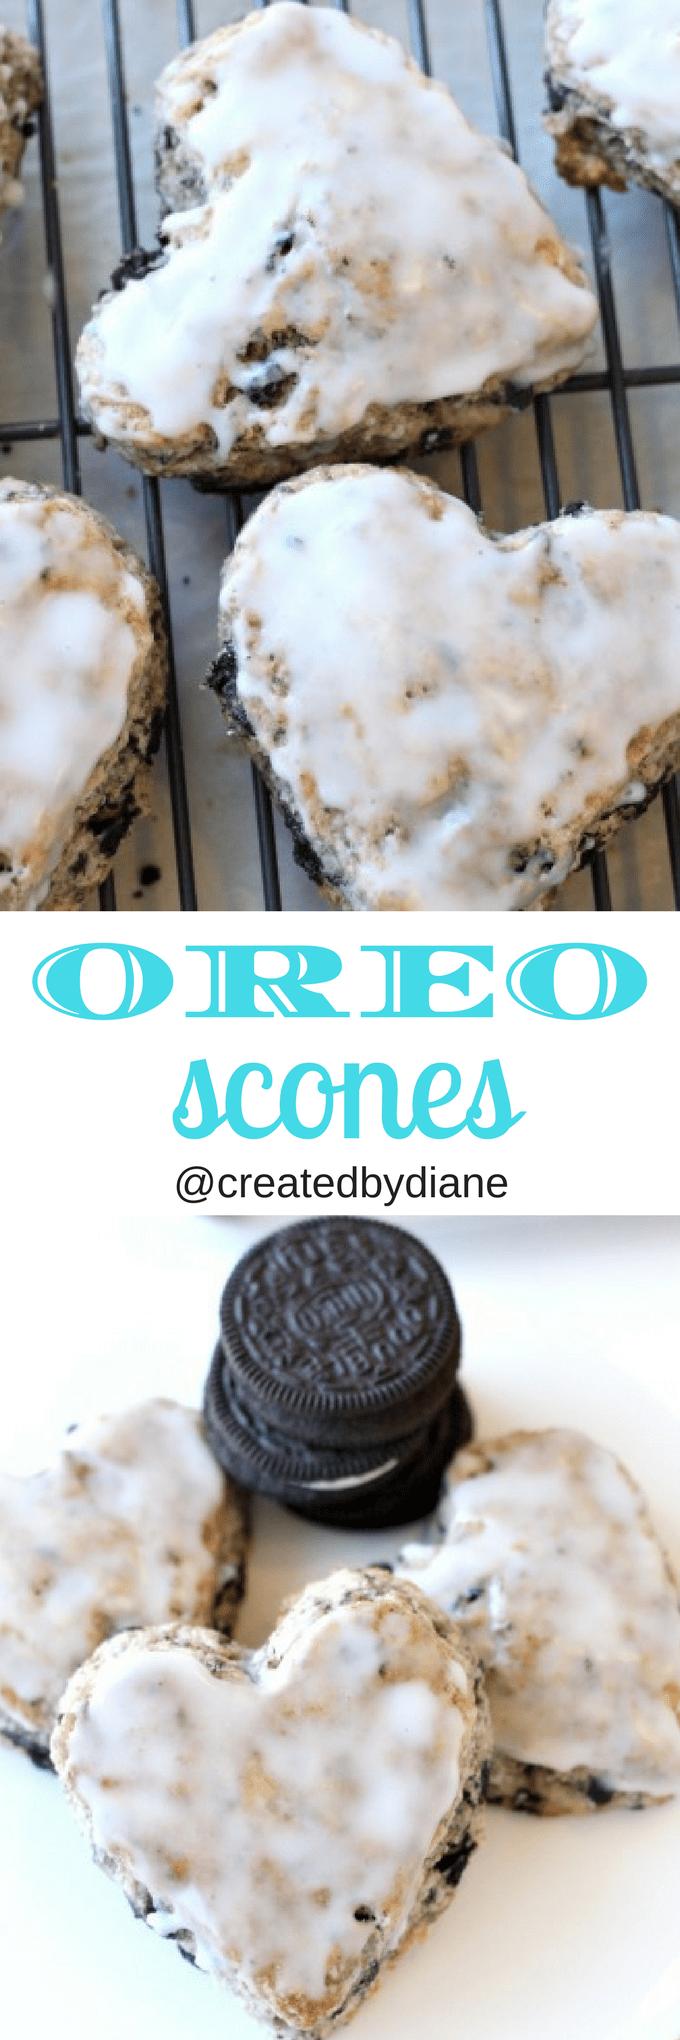 glazed oreo scone recipe @createdbydiane